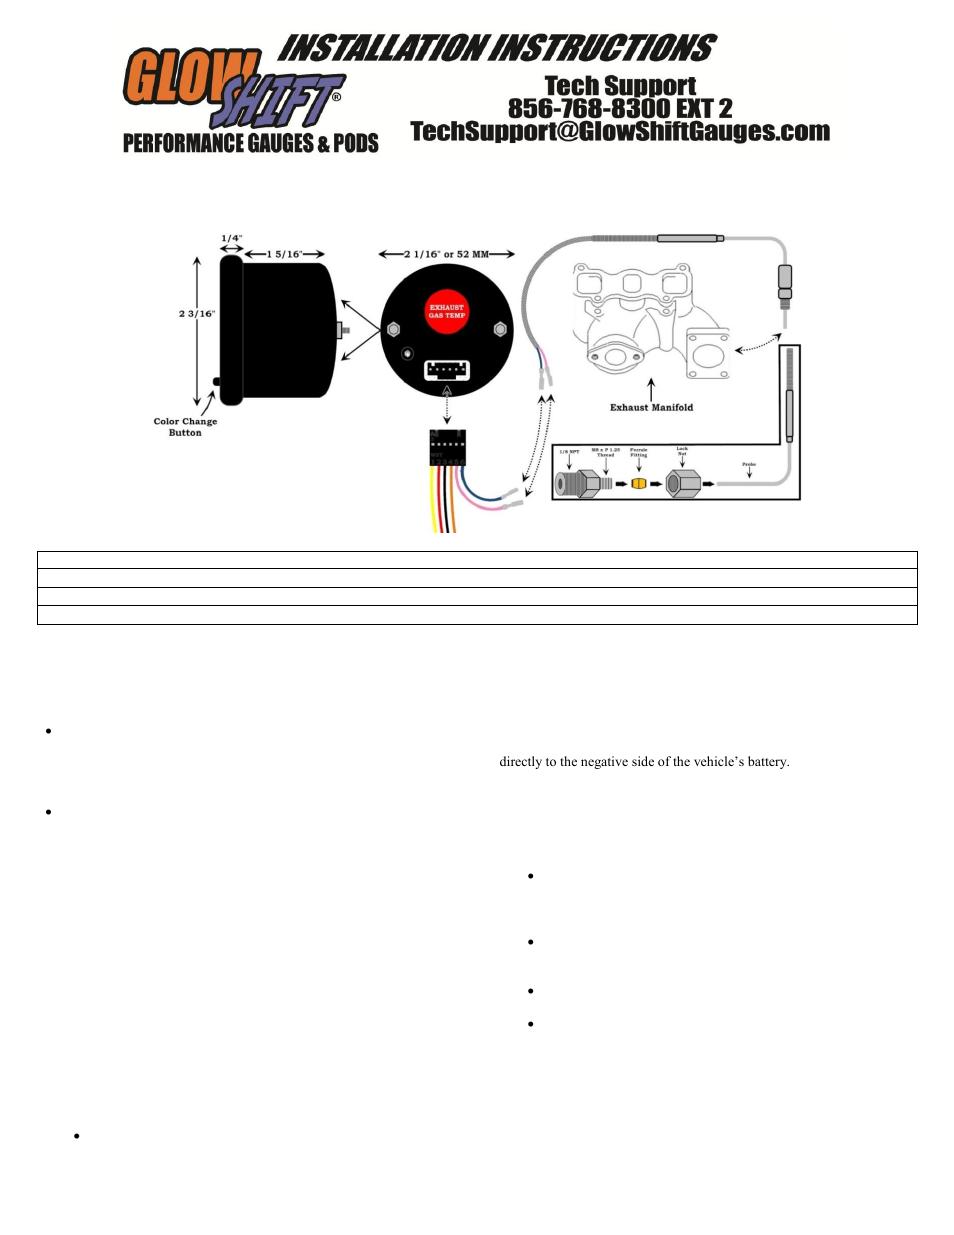 Wideband O2 Wiring Diagram Get Free Image About Wiring Diagram